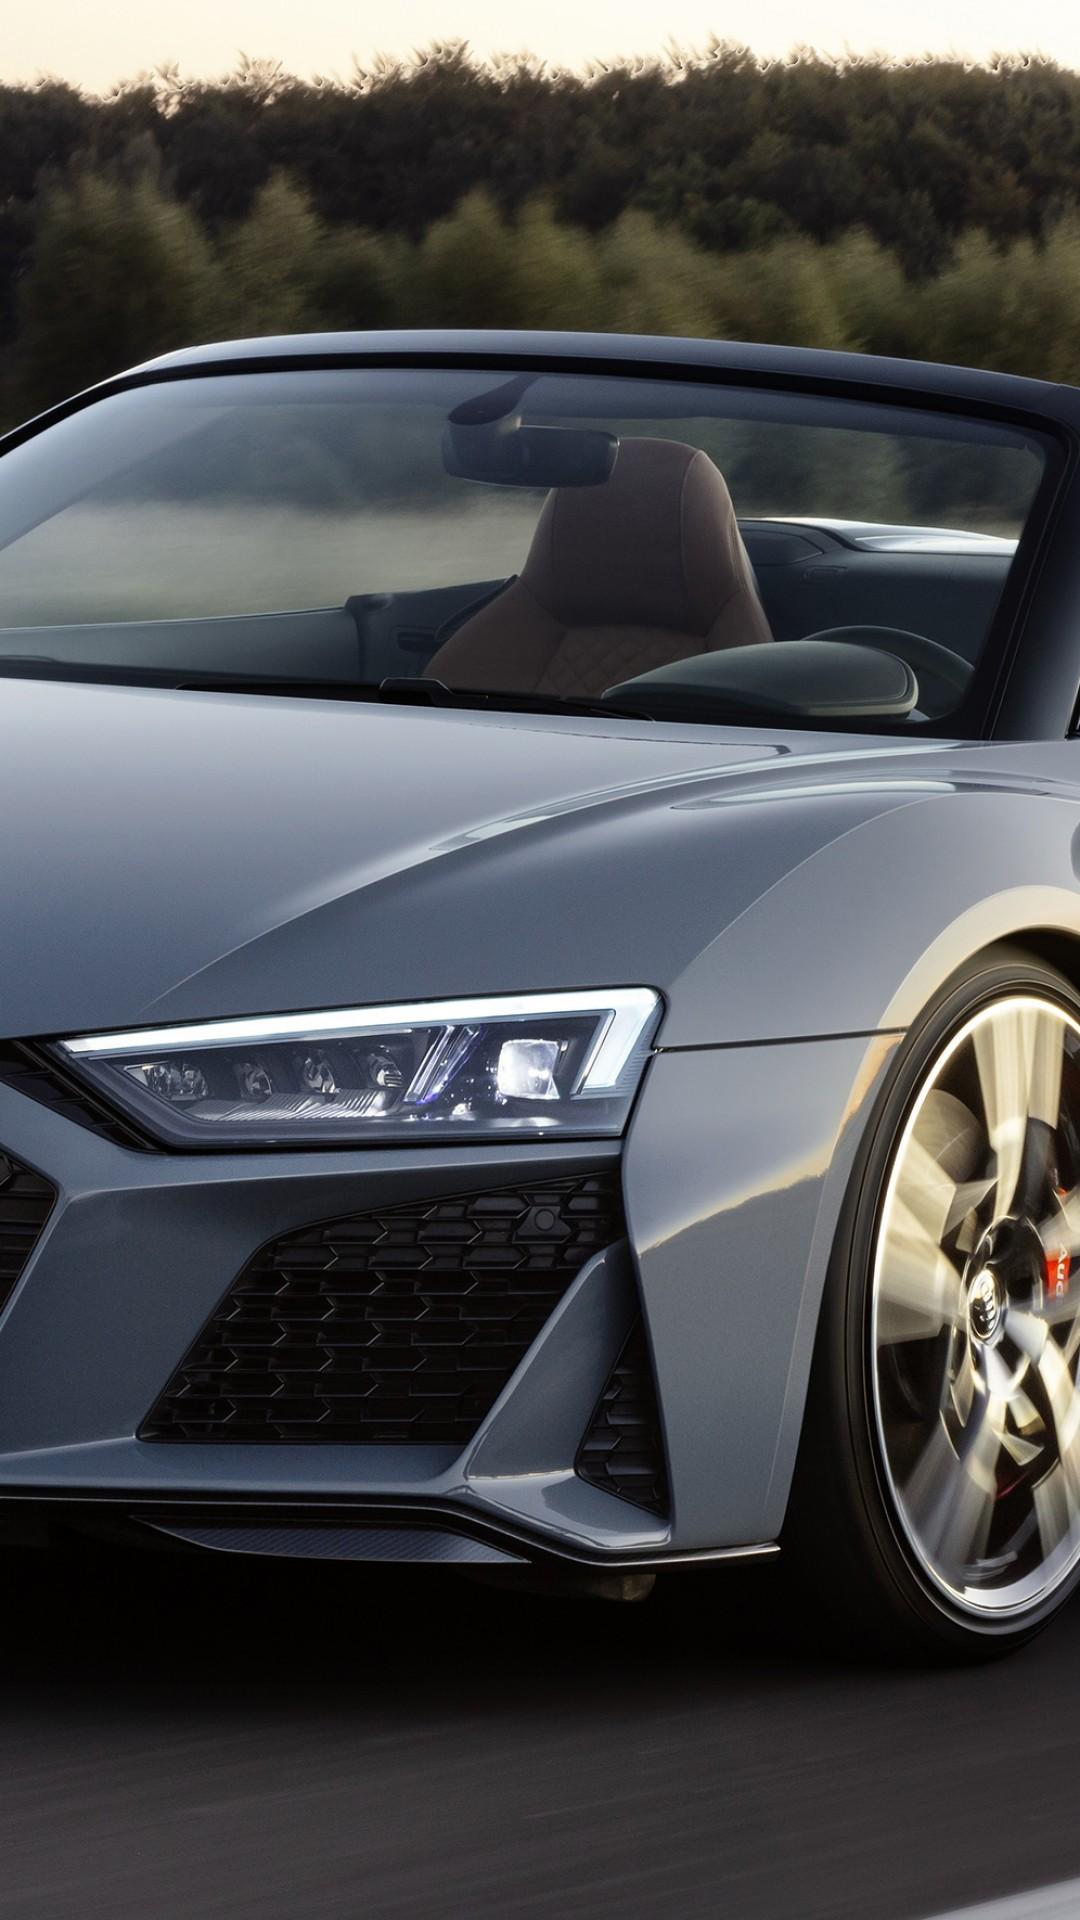 Wallpaper Audi R8 V10 Spyder 2019 Cars 4k Cars Amp Bikes